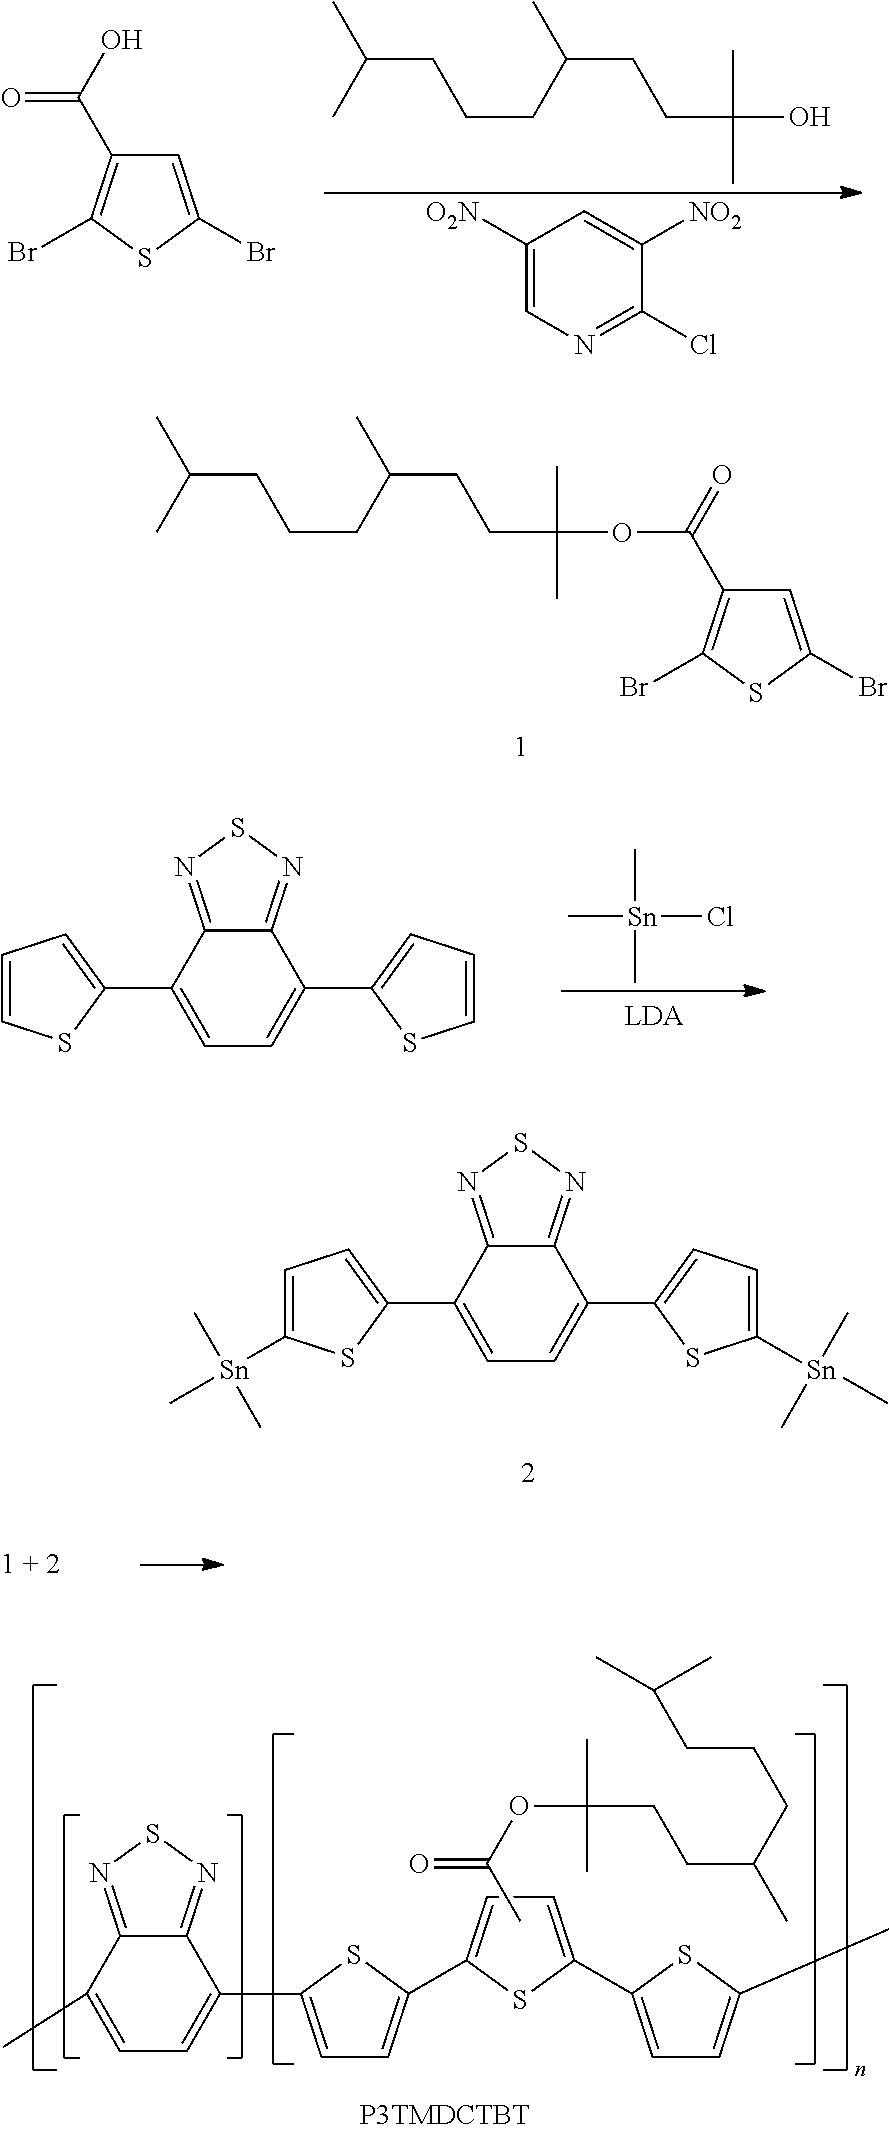 Figure US20110045628A1-20110224-C00003